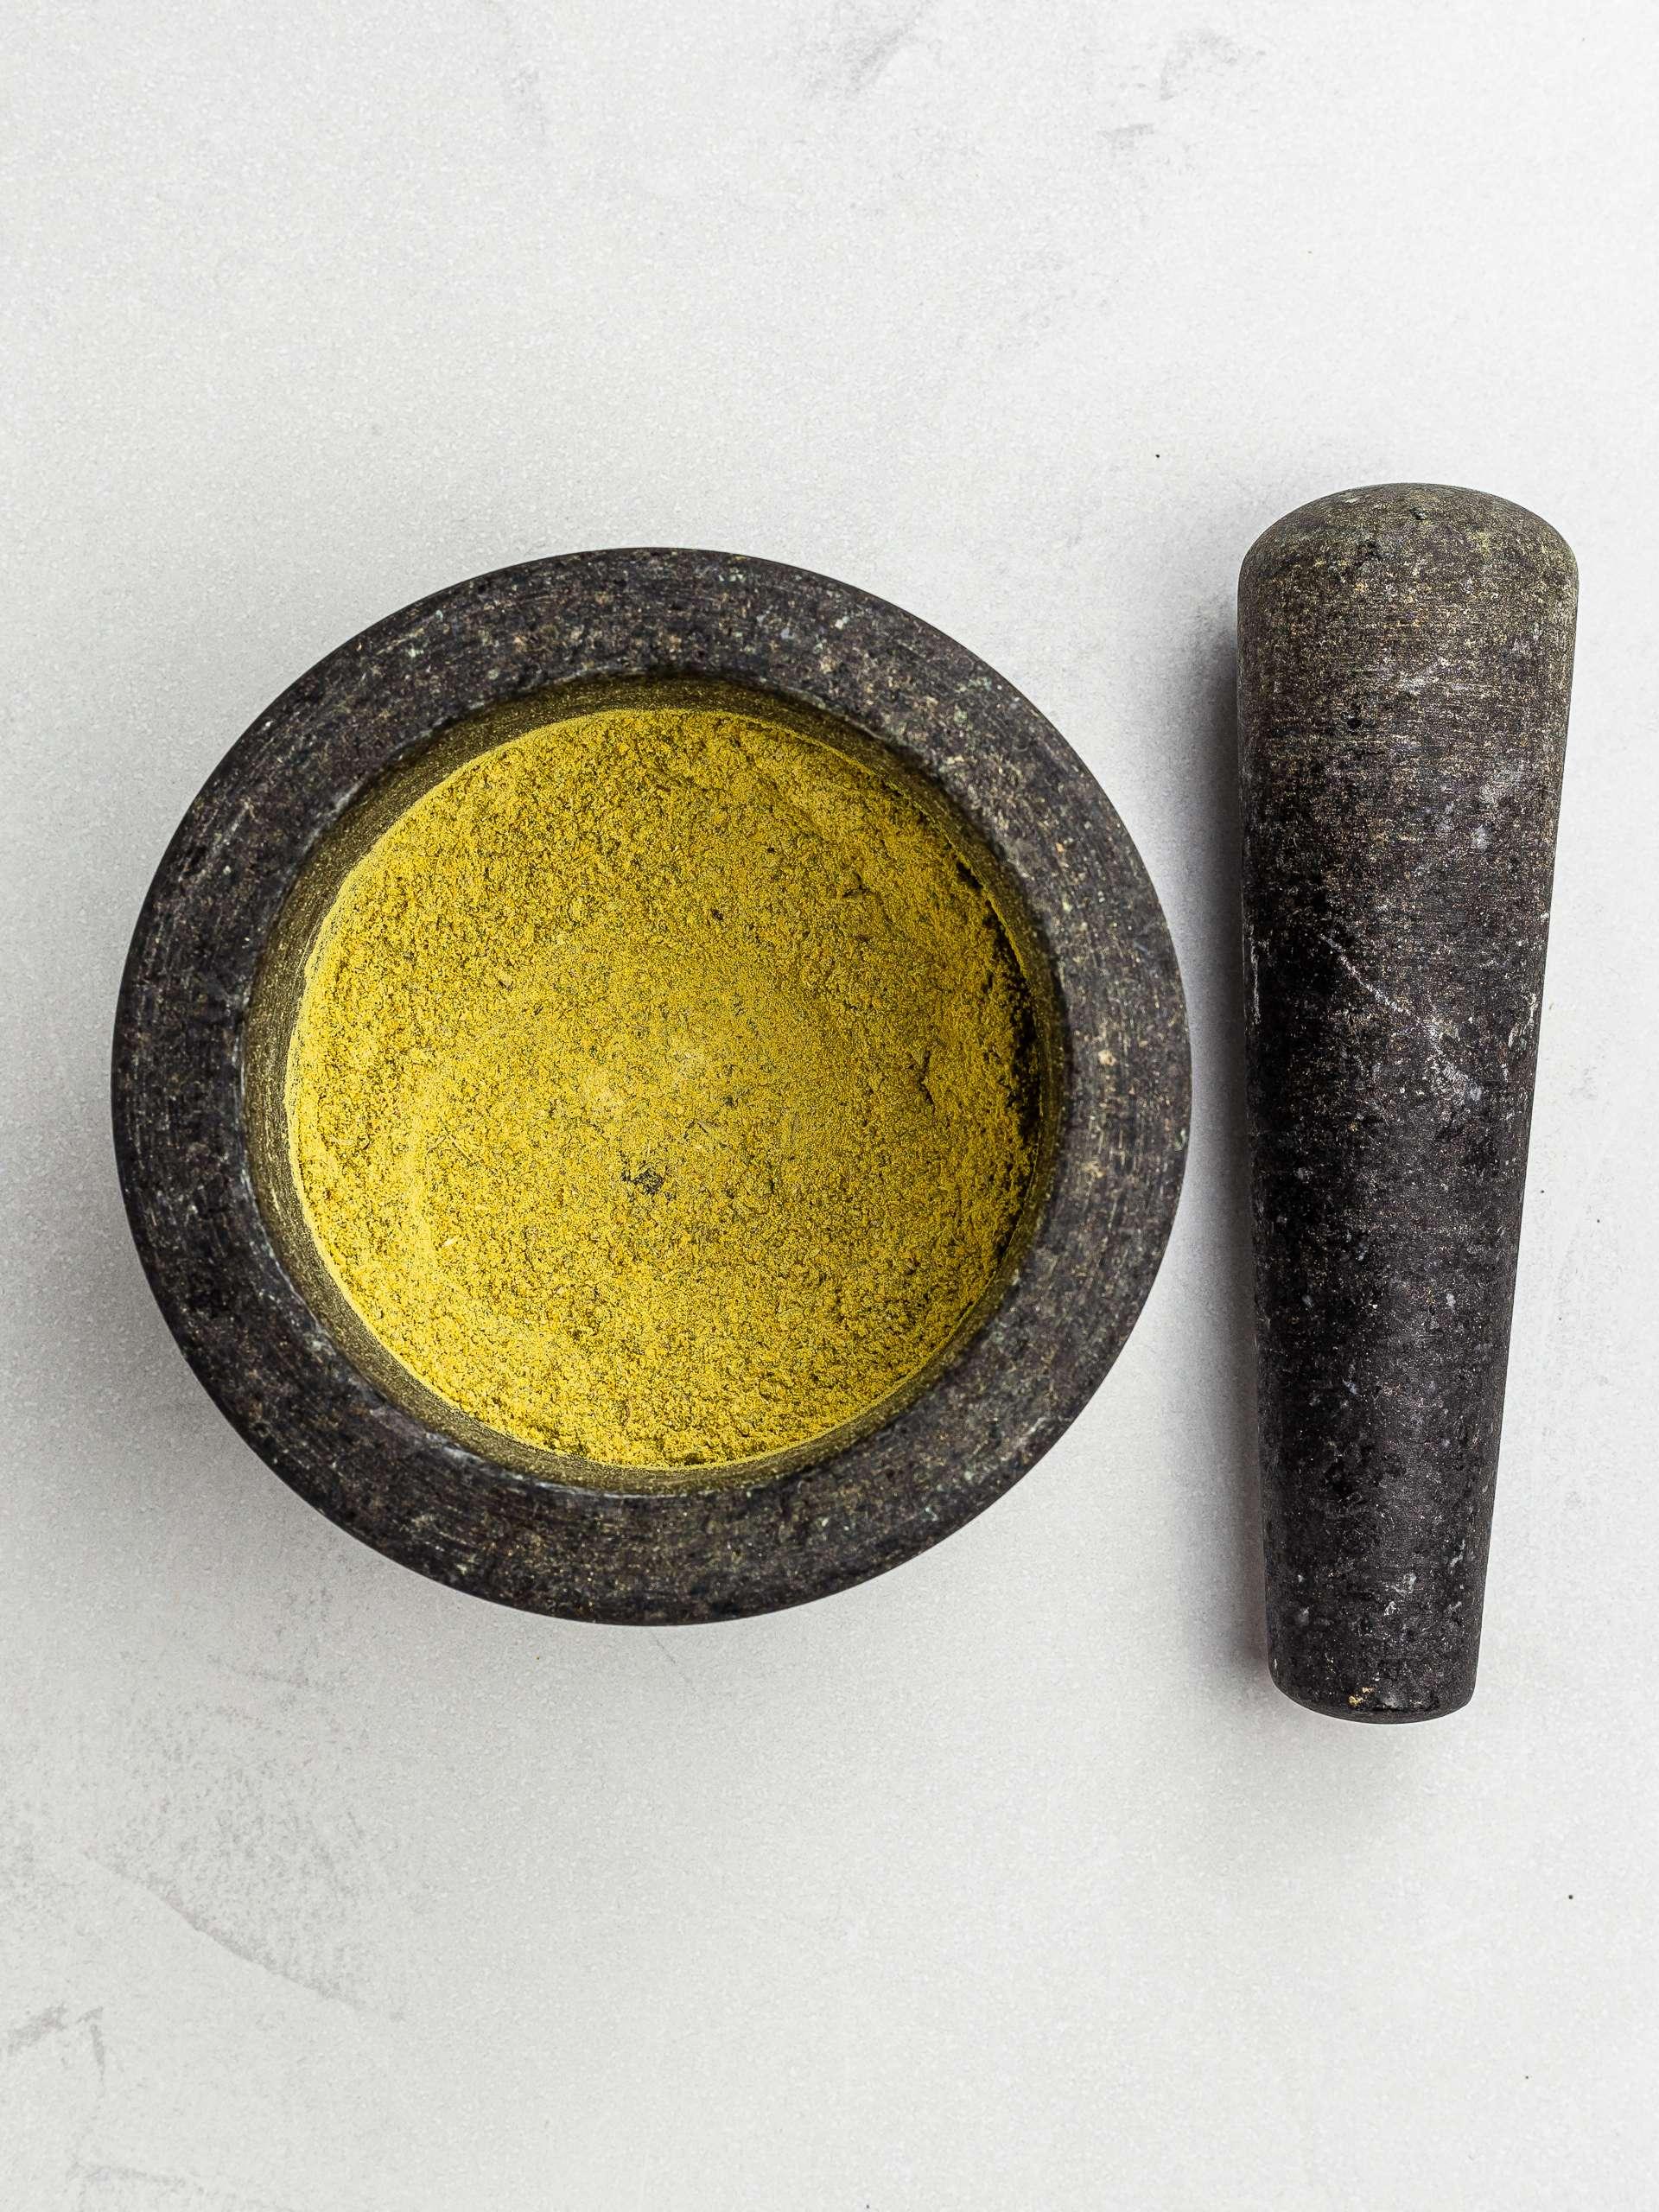 homemade bouillon powder in a mortar